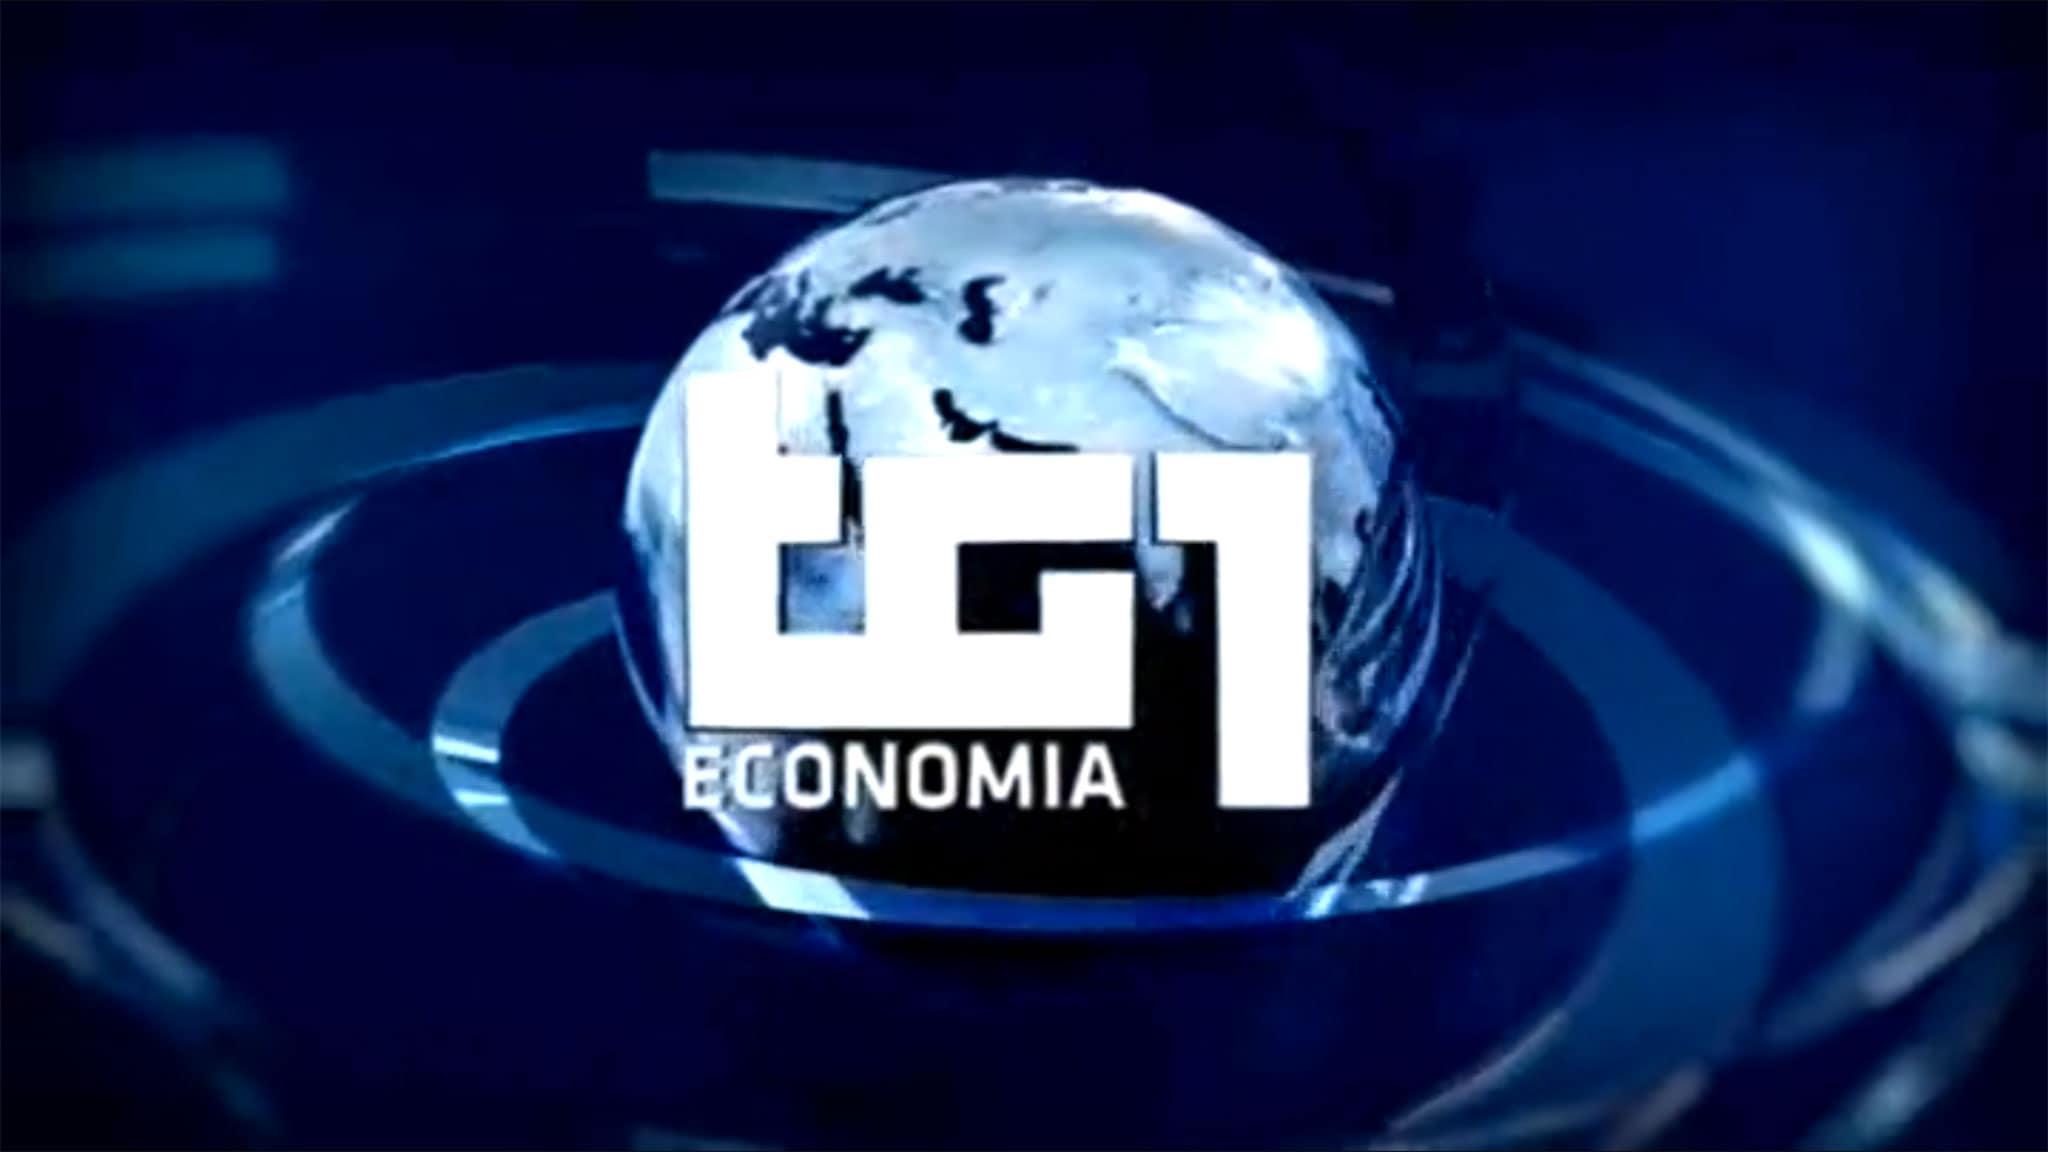 Rai News 24 Tg1 - Tg1 Economia